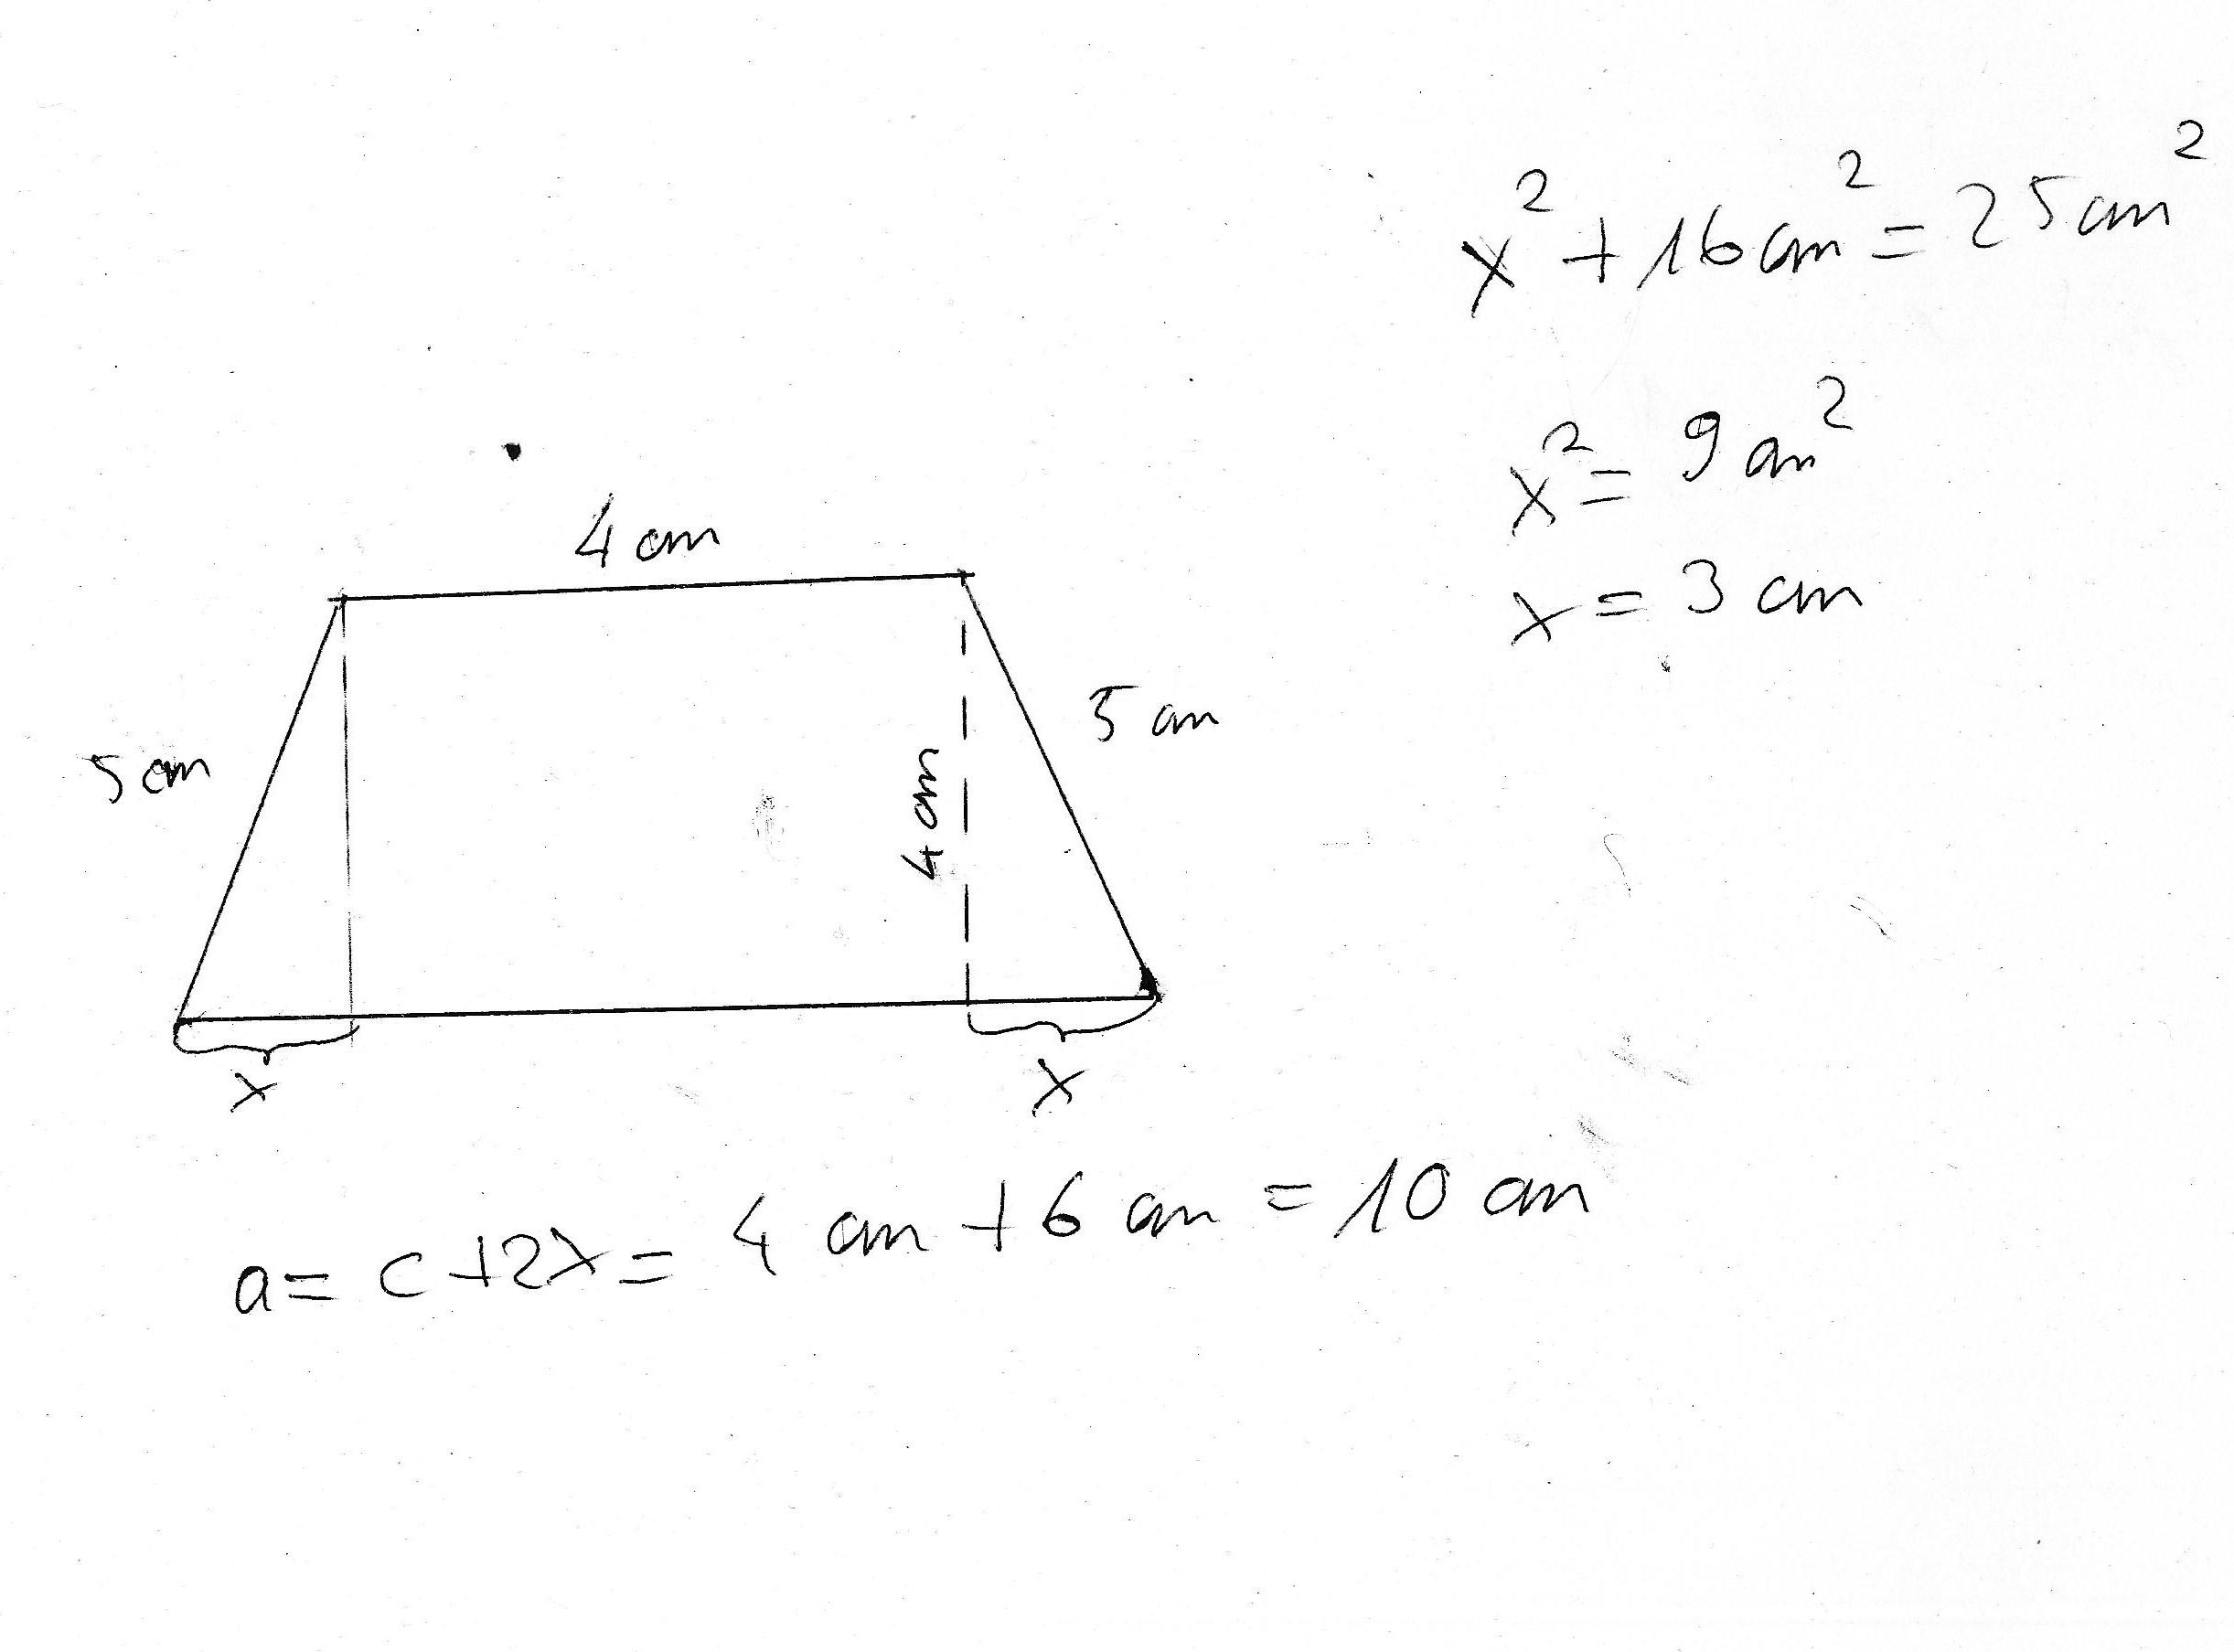 Trapez Seite Berechnen : gleichschenkliges trapez grundseite berechnen mathe ~ Themetempest.com Abrechnung